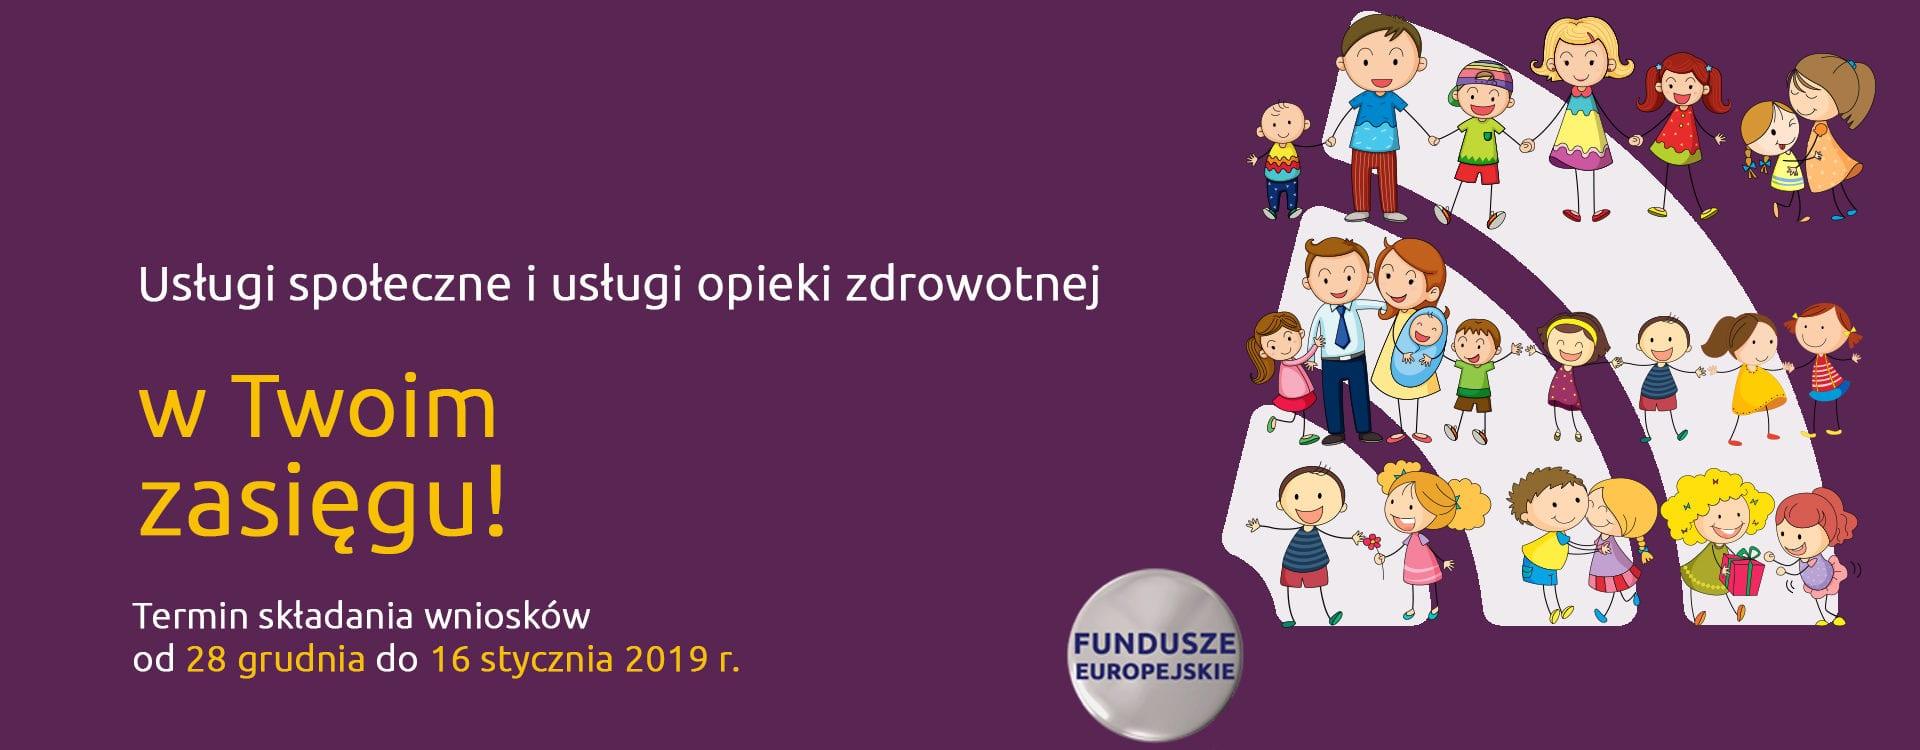 Programy deinstytucjonalizacji opieki nad dziećmi i młodzieżą wspierane przez fundusze europejskie